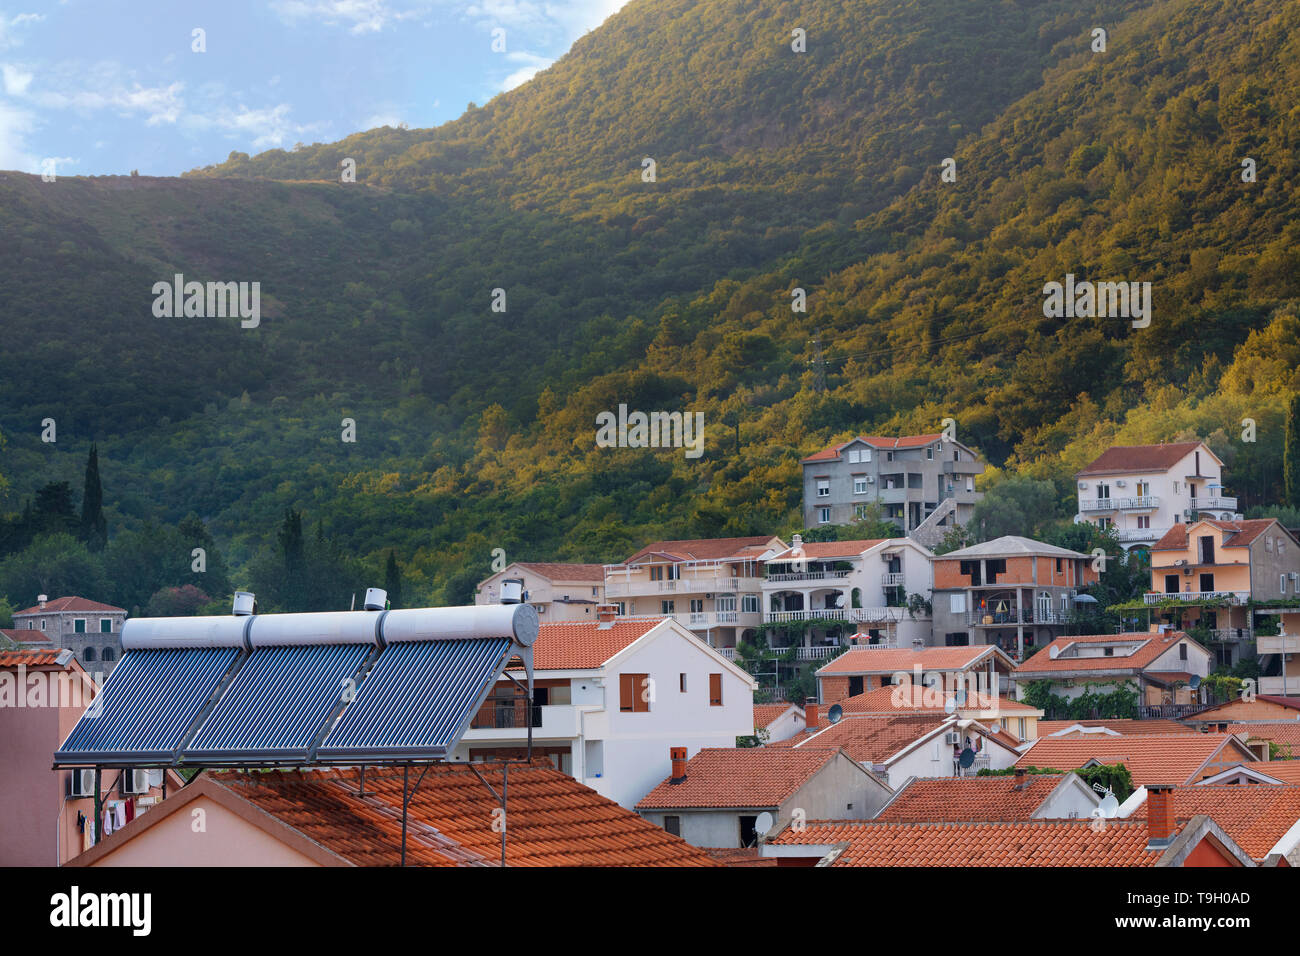 Calentadores solares de agua renovable moderna están instalados en el techo de tejas de naranja de la casa con el telón de fondo de un paisaje de montaña de Montenegro Imagen De Stock